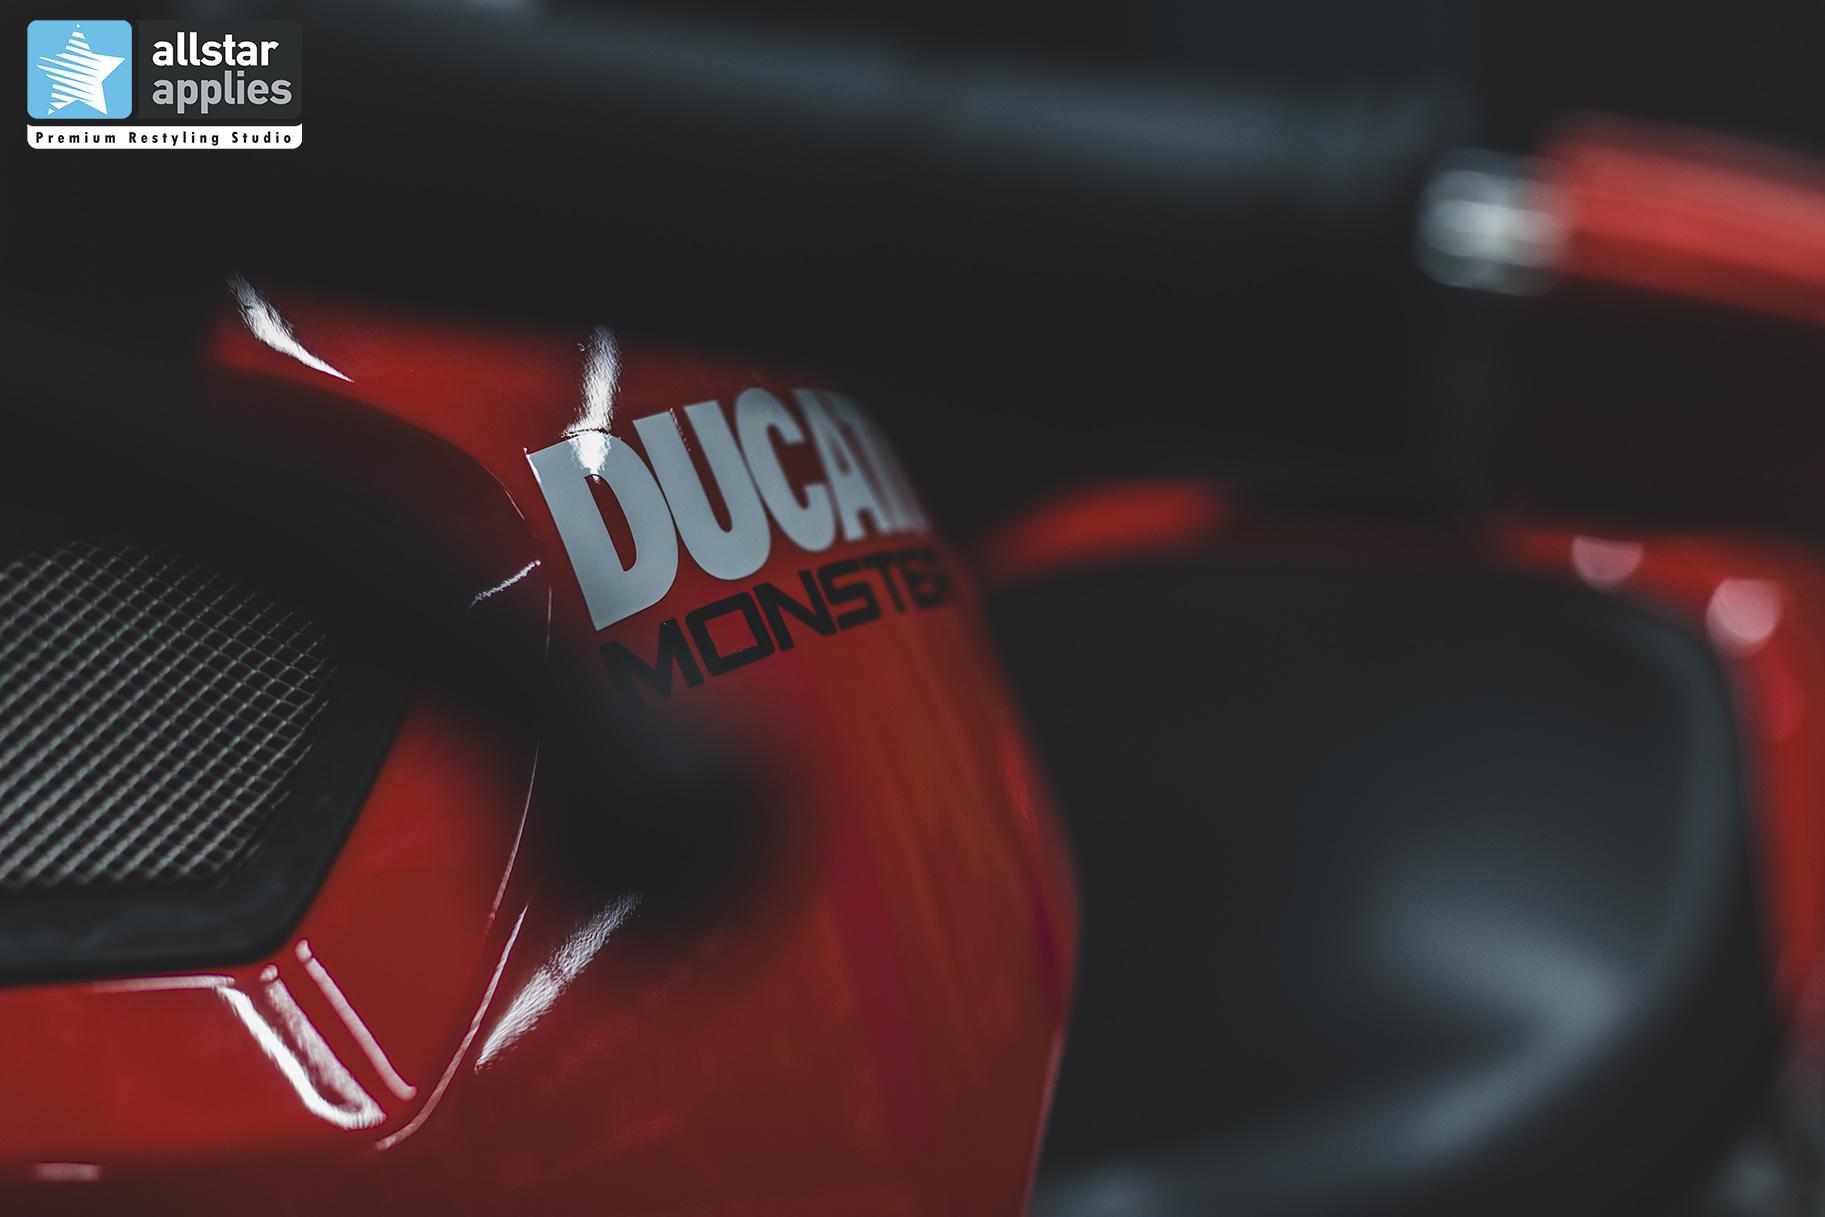 Μεμβράνες Αλλαγής χρώματος σε μηχανή Ducati στη θεσσαλονίκη, Allstar Applies